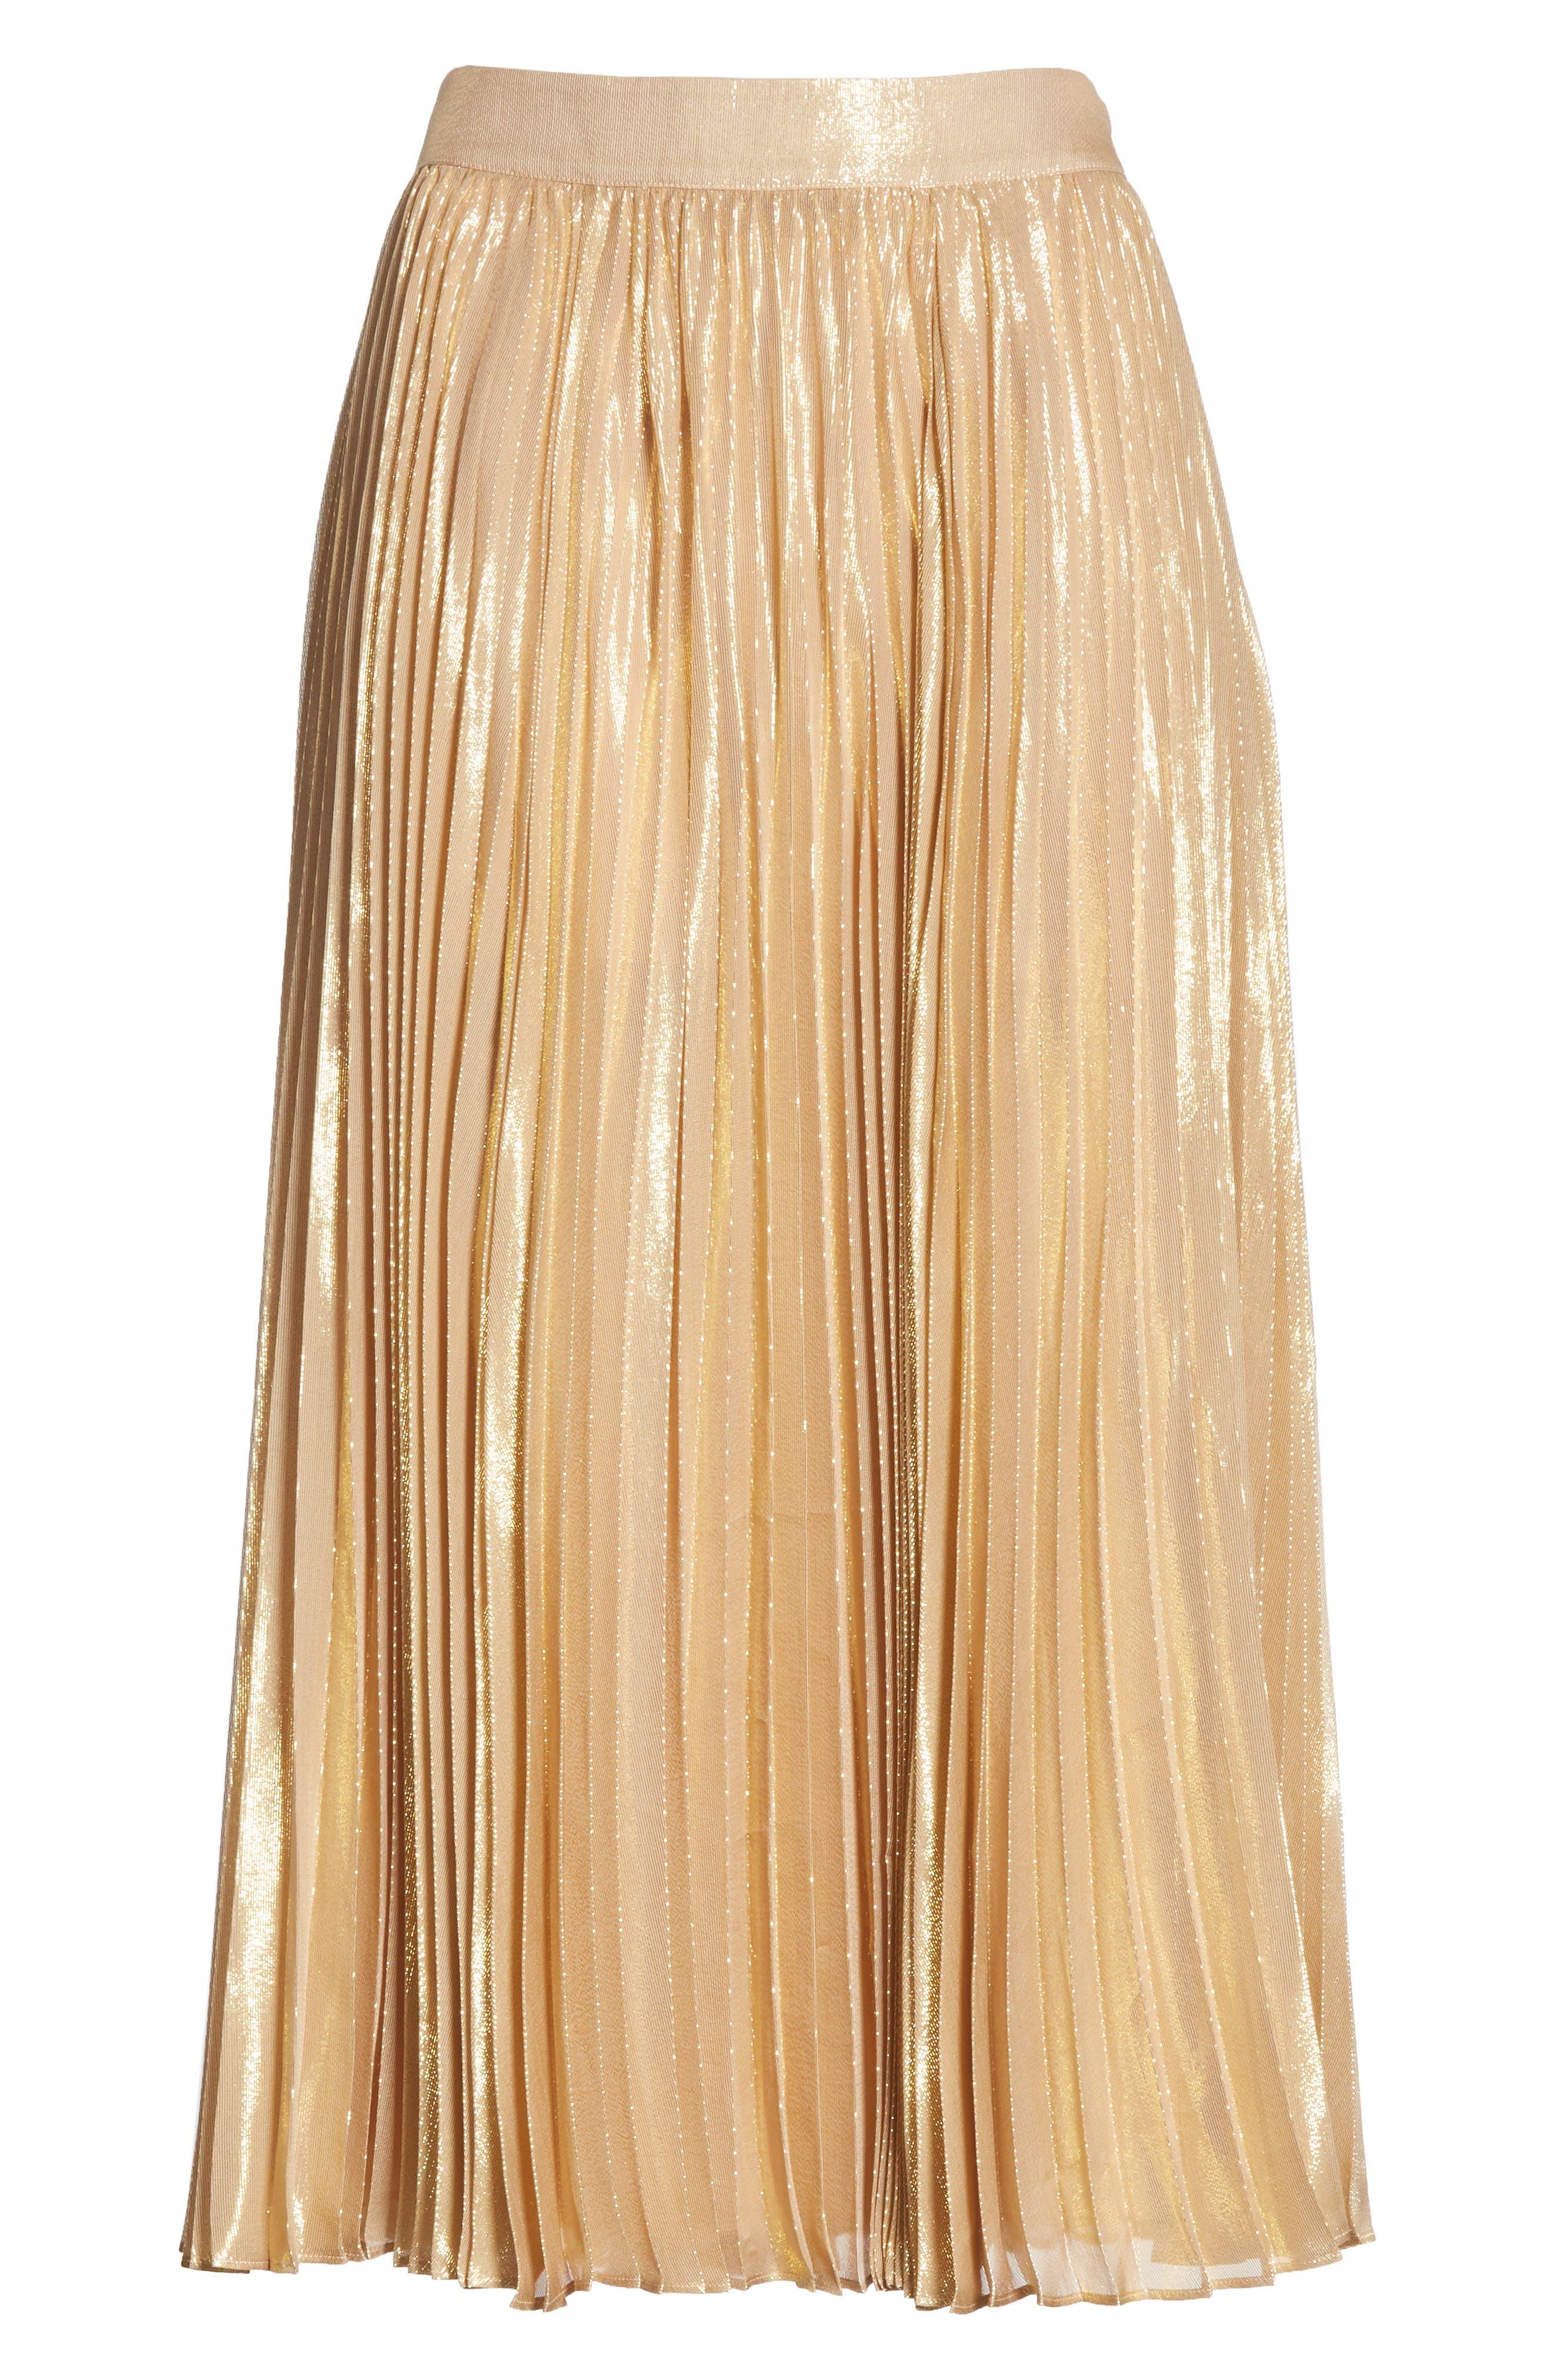 pleat metallic pleat midi skirt,                             Alternate thumbnail 6, color,                             ROASTED PEANUT